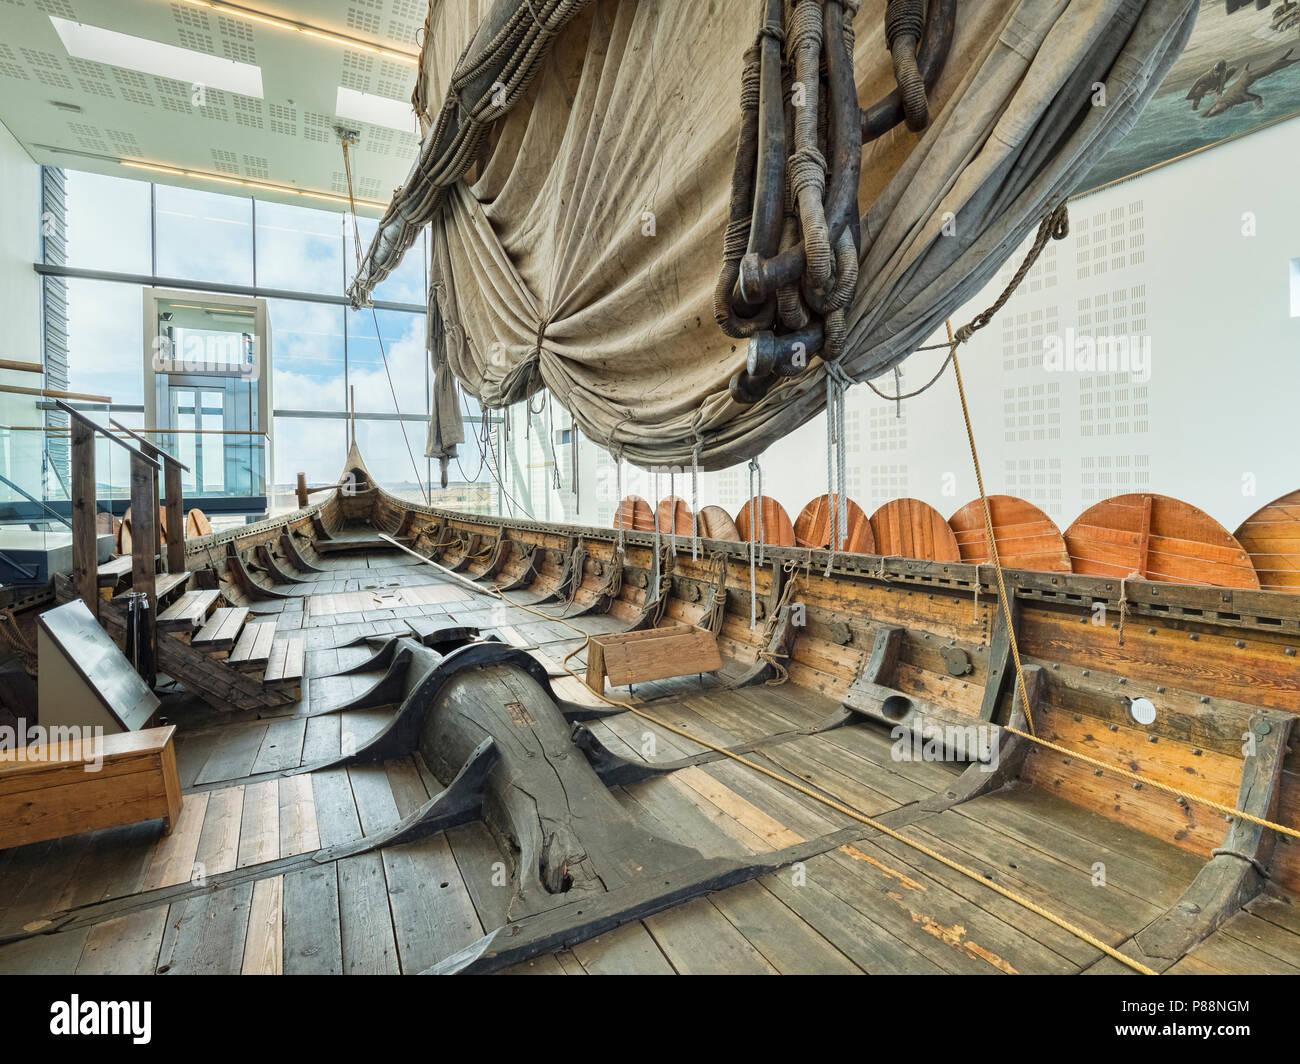 18 Aprile 2018: Keflavik, Islanda - a bordo del Islendingur, una replica della Gokstad Viking Ship al Viking World Museum. Immagini Stock